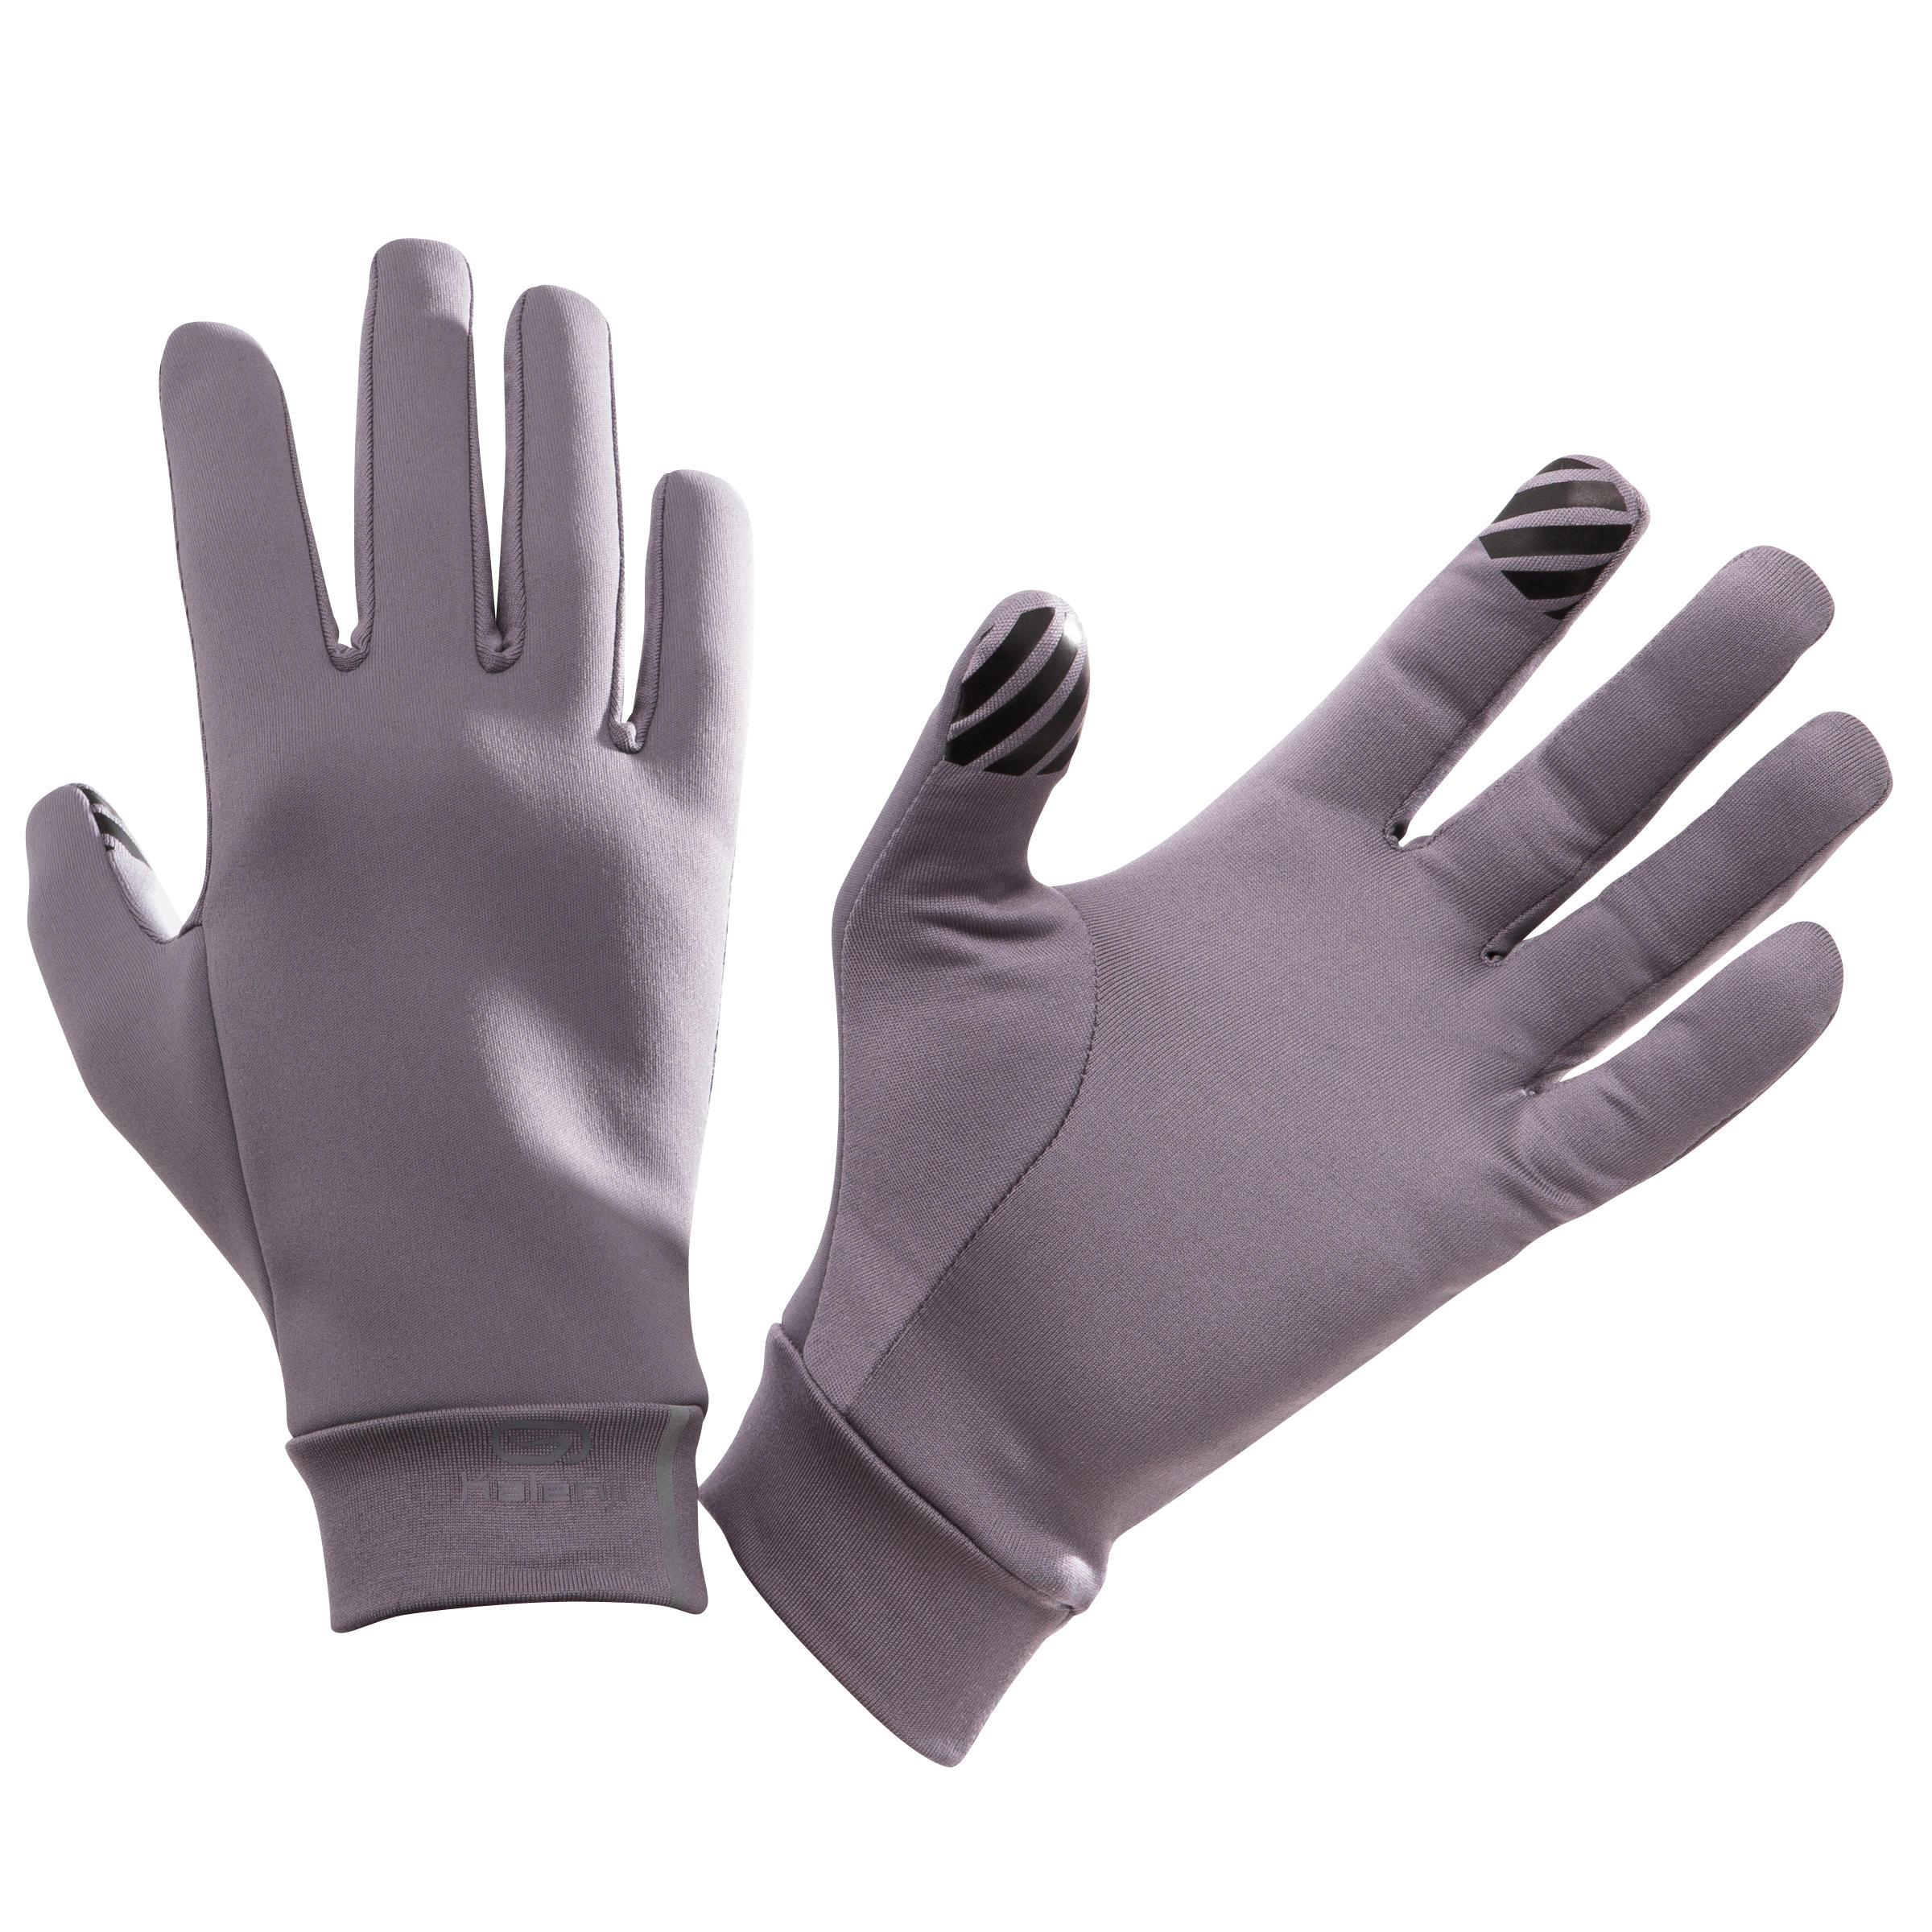 Mănuși Tactile Alergare imagine produs